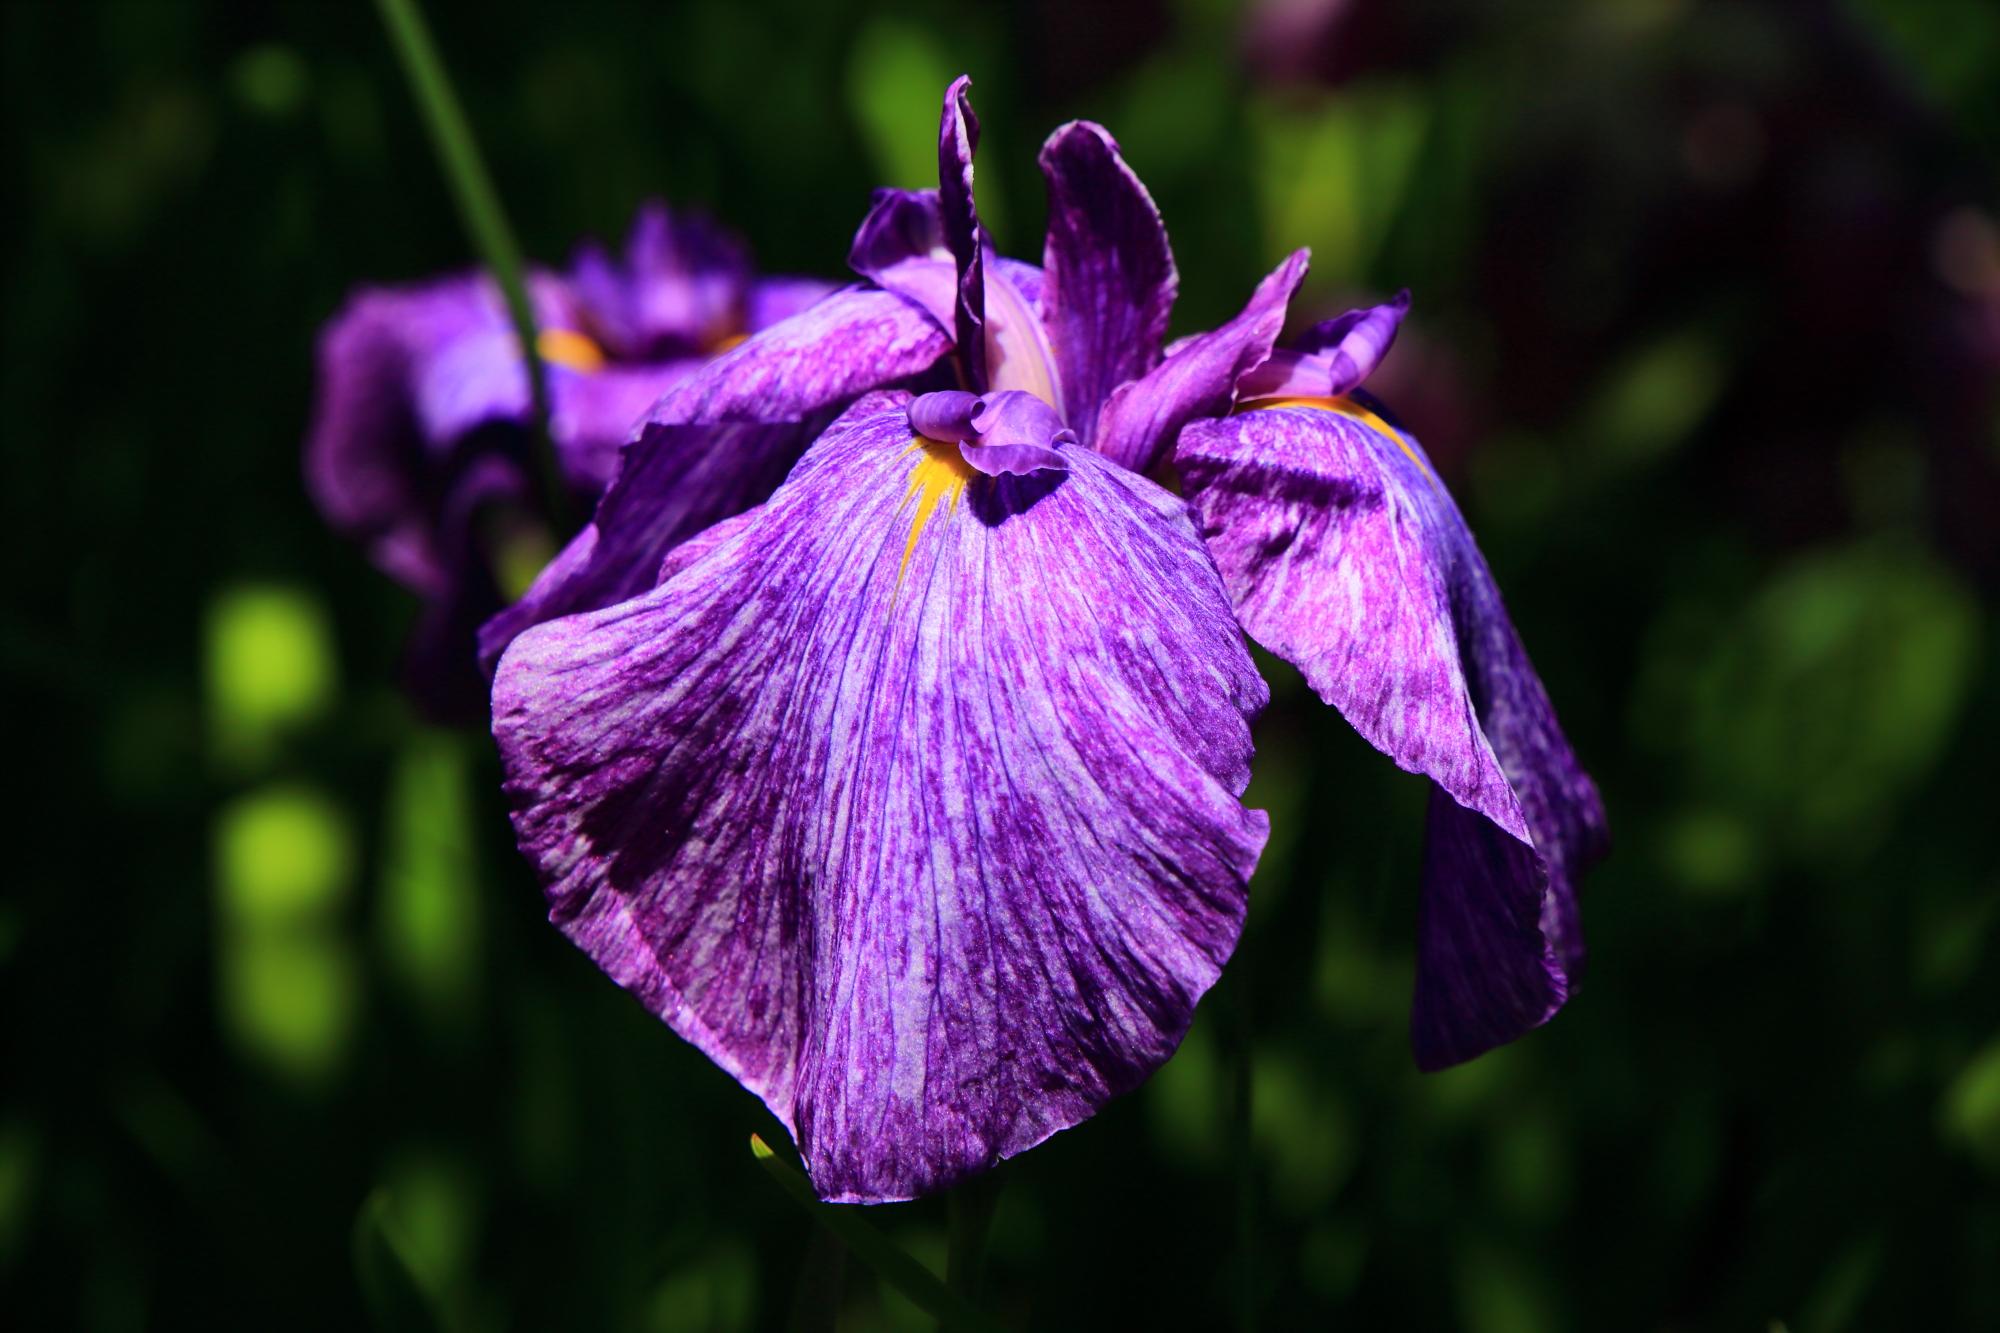 紫の花びらに細かな白い線が入ったハナショウブ